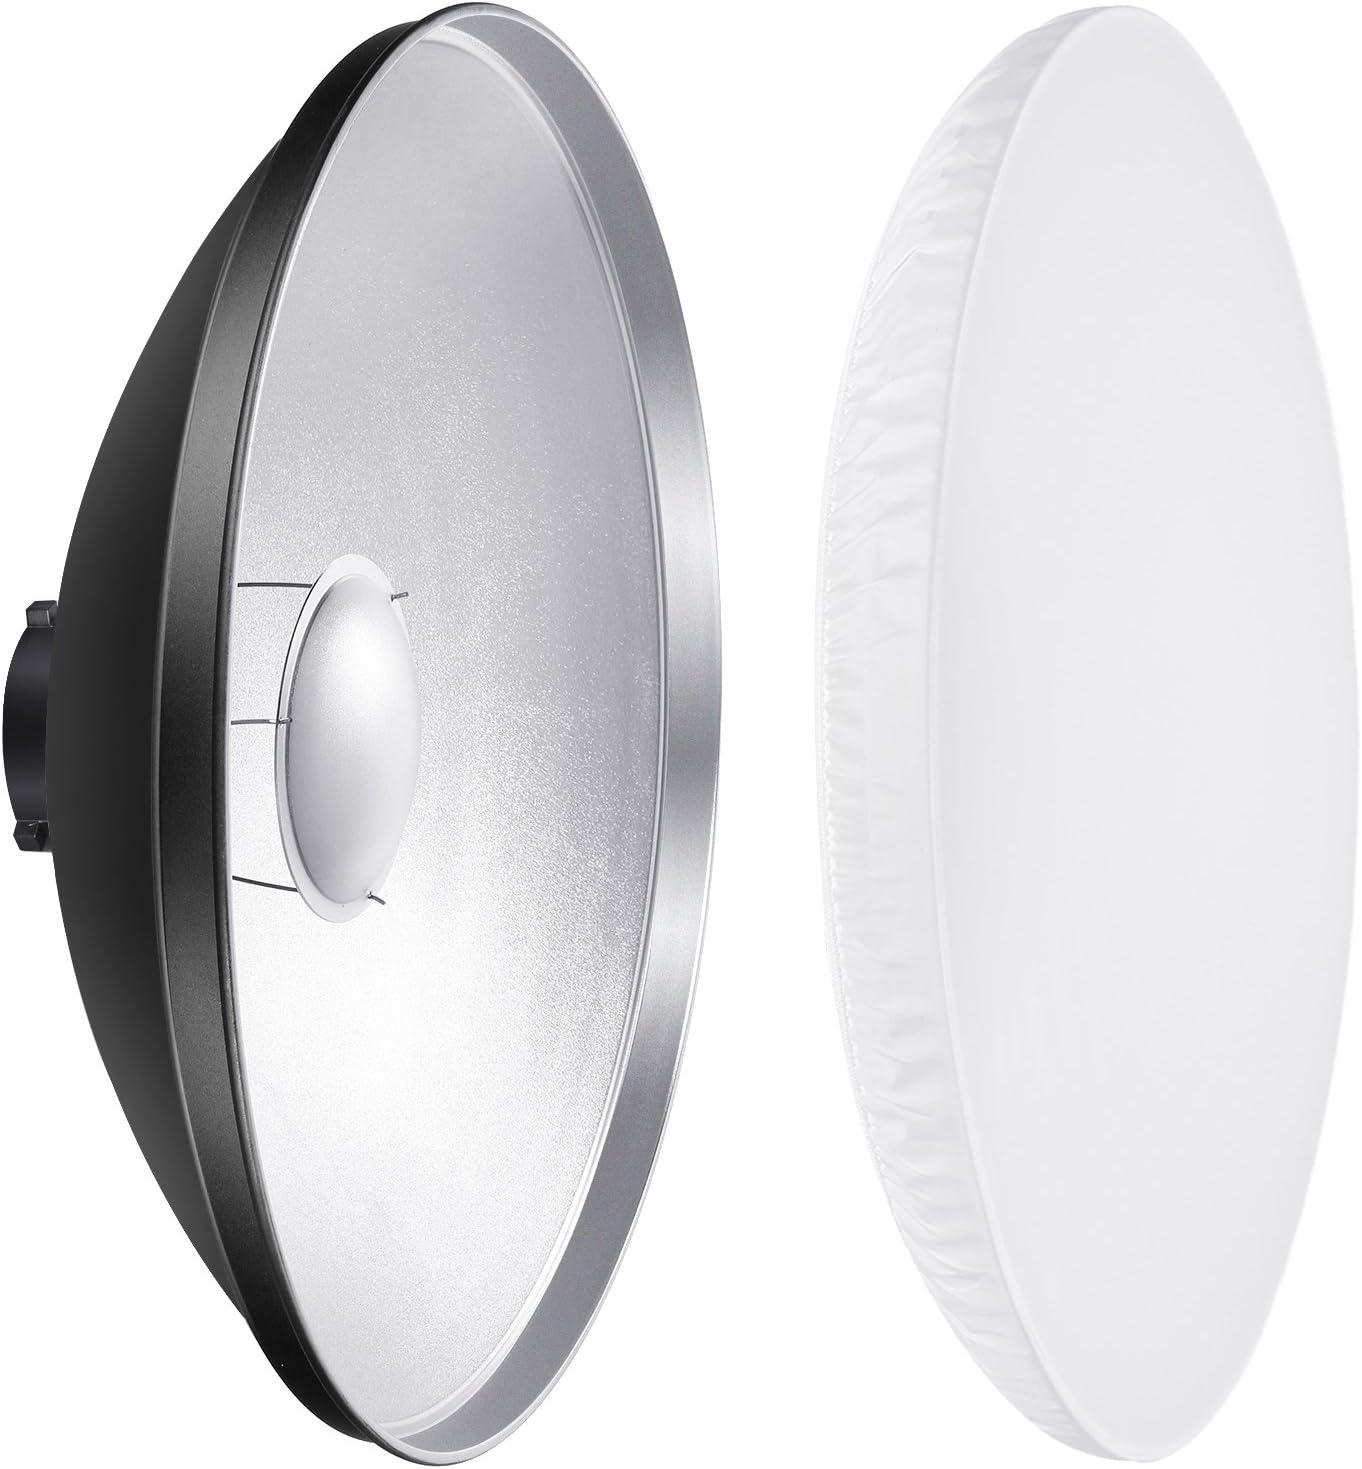 Neewer 41cm Aluminium Standard Reflektor Mit Weiß Kamera